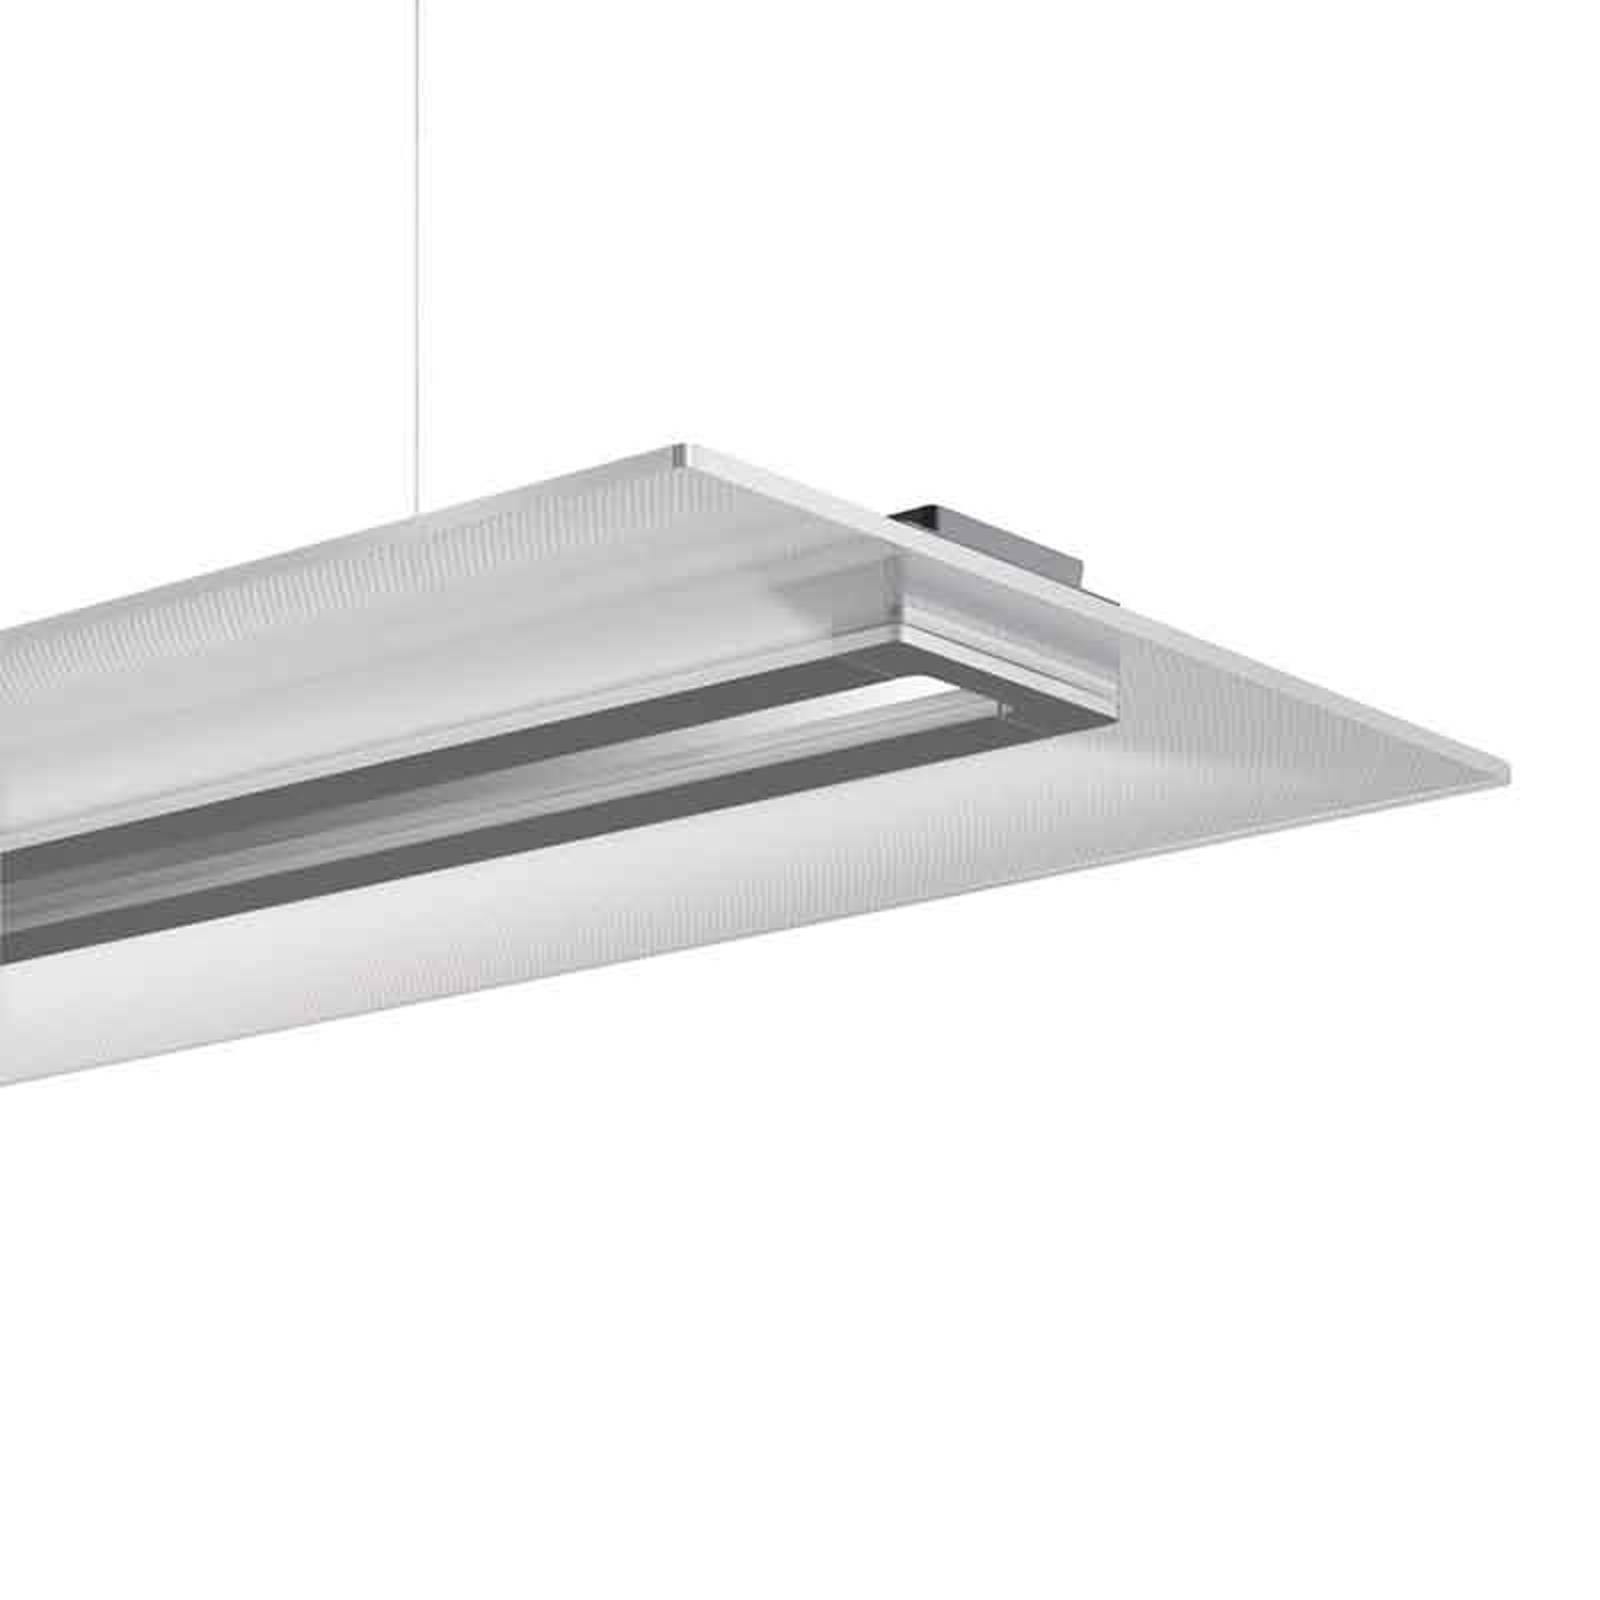 Siteco Vega LED-riippuvalo DALI 62 W